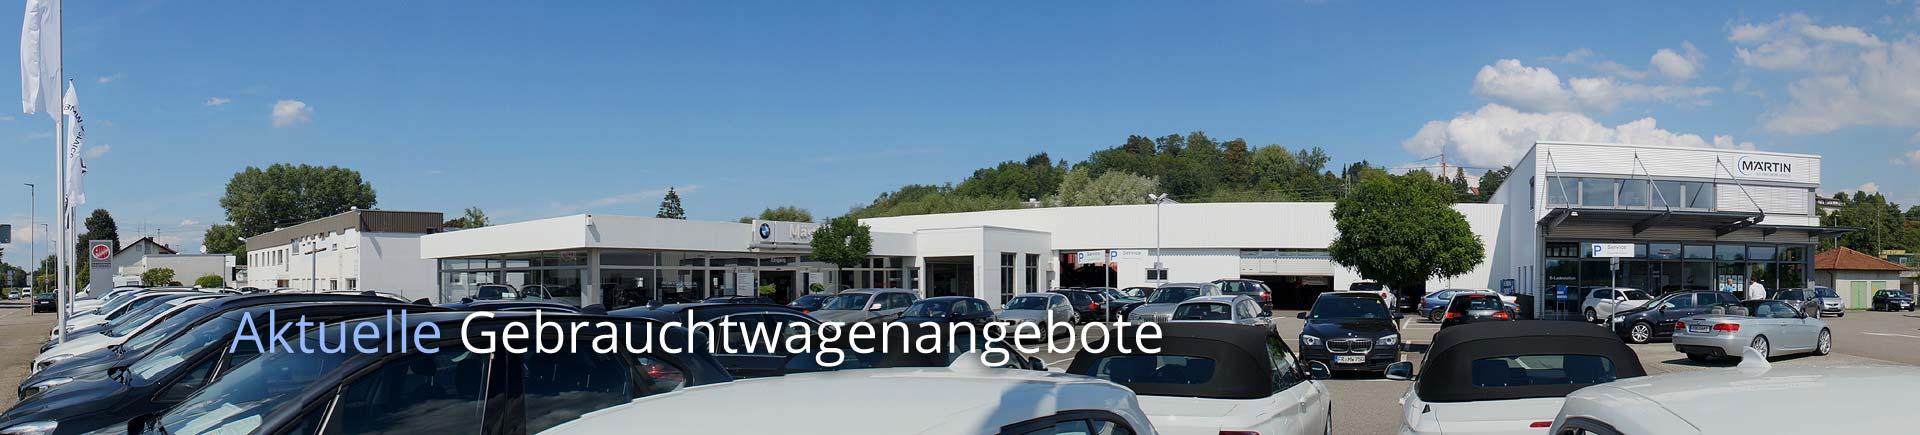 Aktuelle Gebrauchtwagenangebote auf bmw-maertin.de